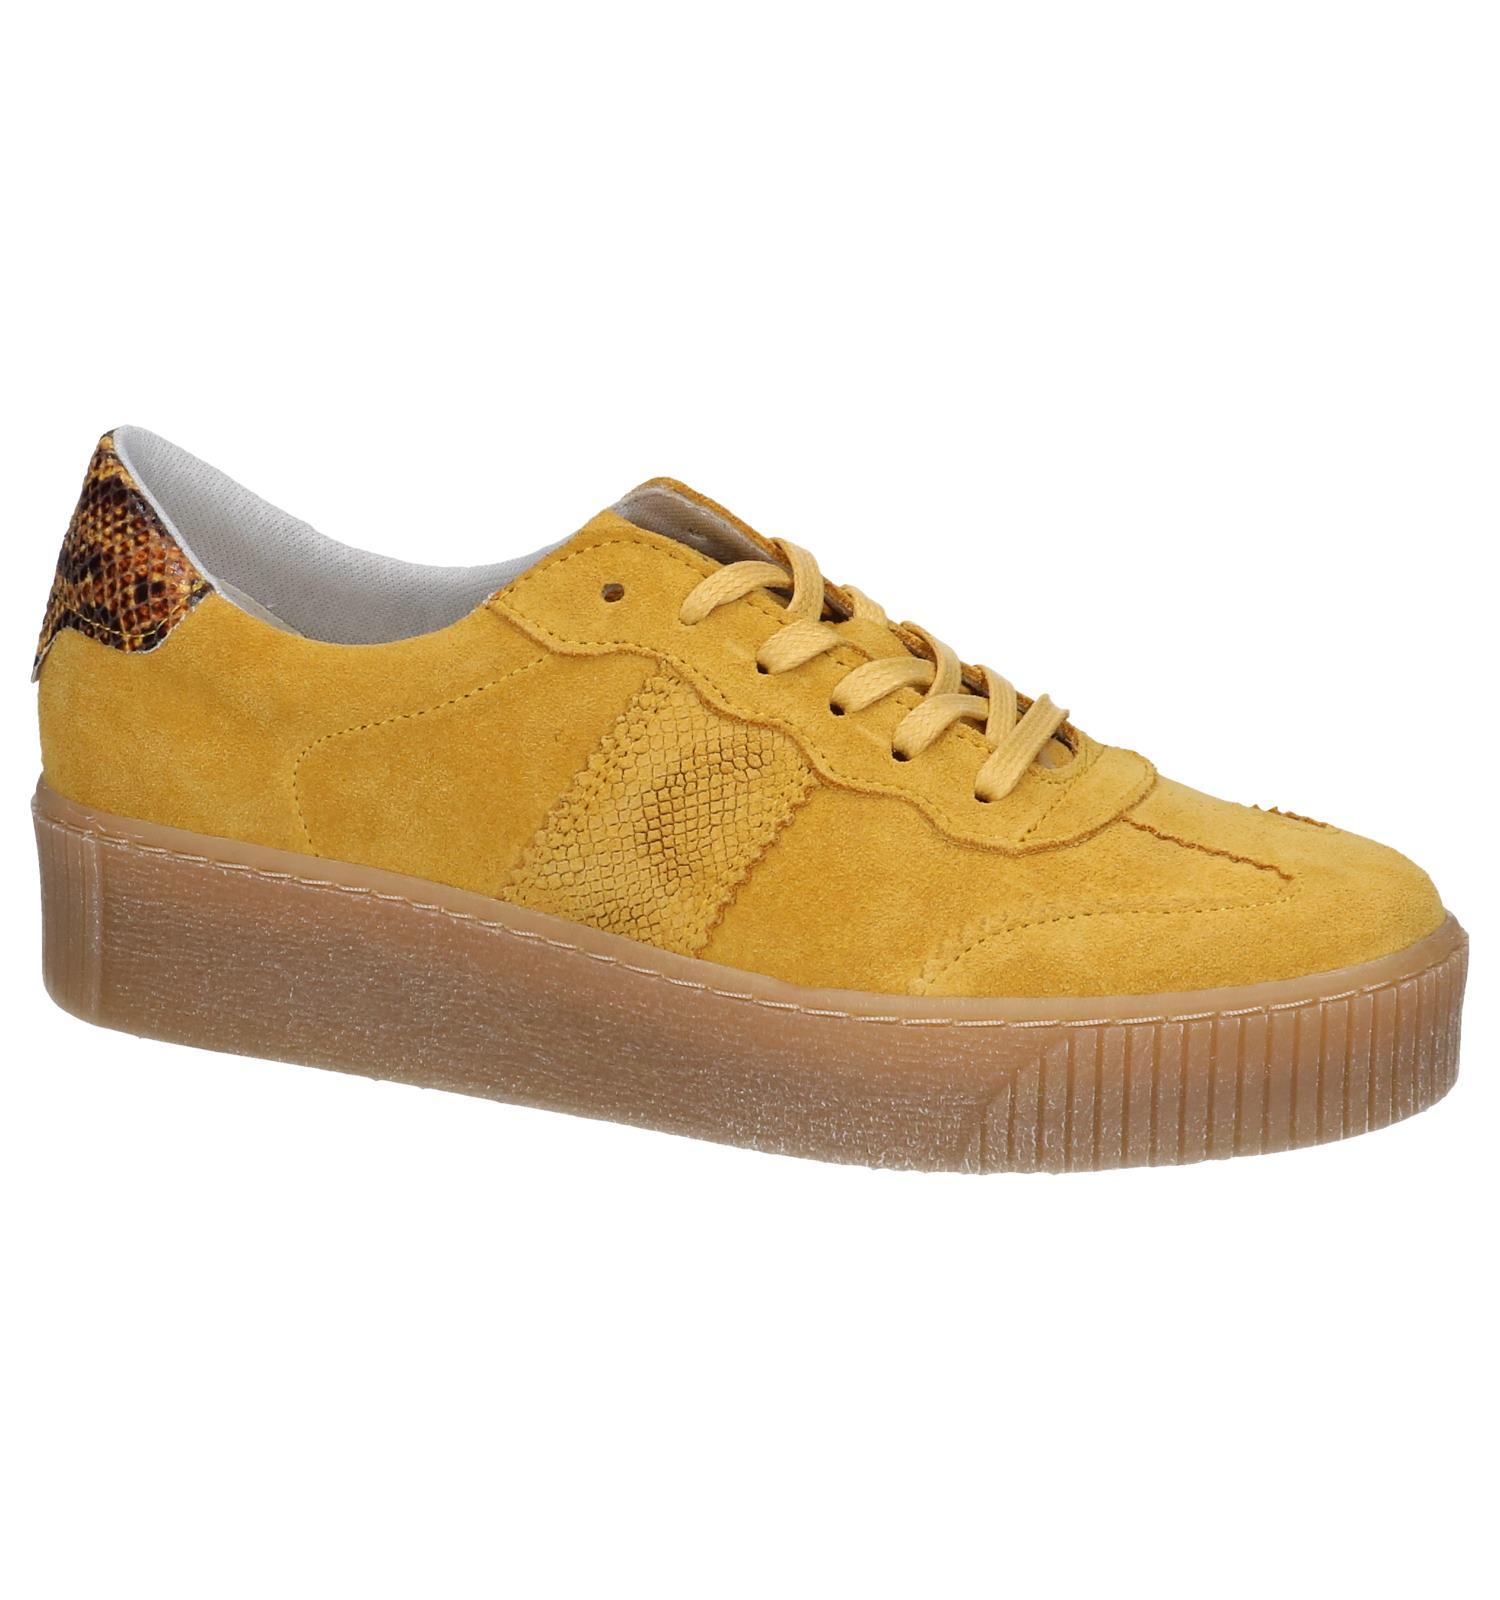 Tamaris Chaussures à lacets en Jaune foncé | TORFS.BE | Livraison et retour gratuits